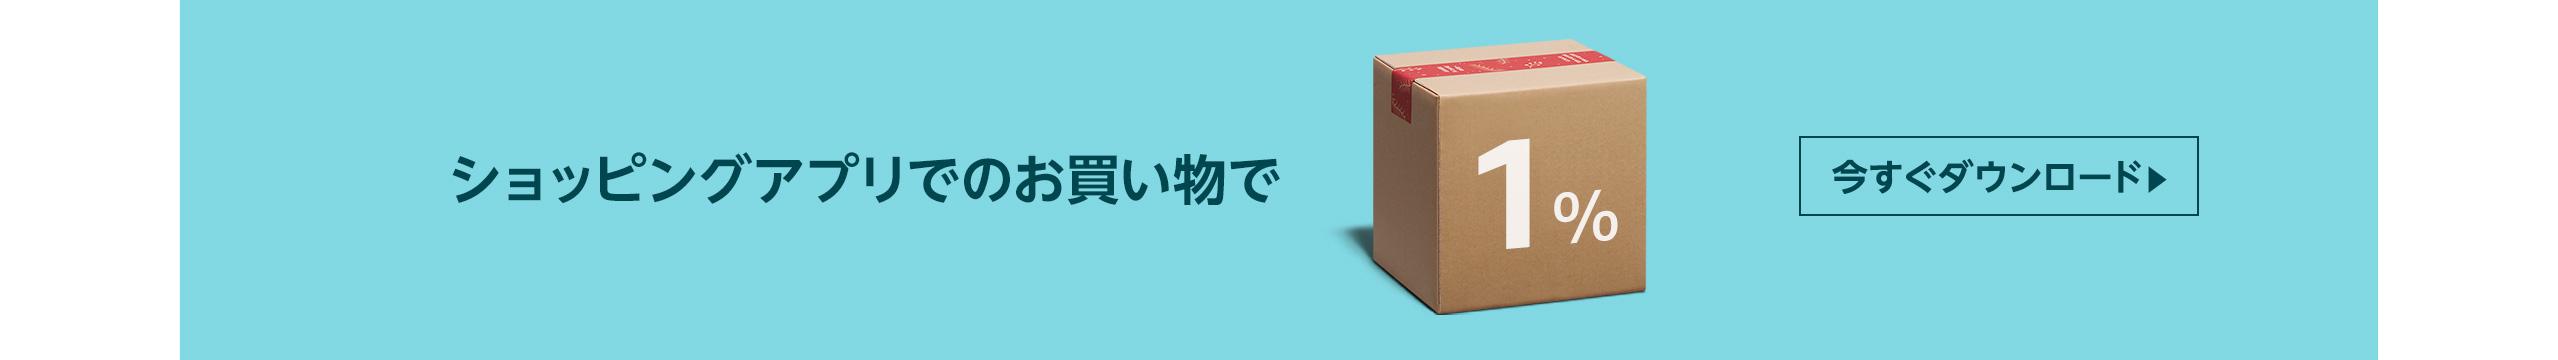 Amazonショッピングアプリダウンロード